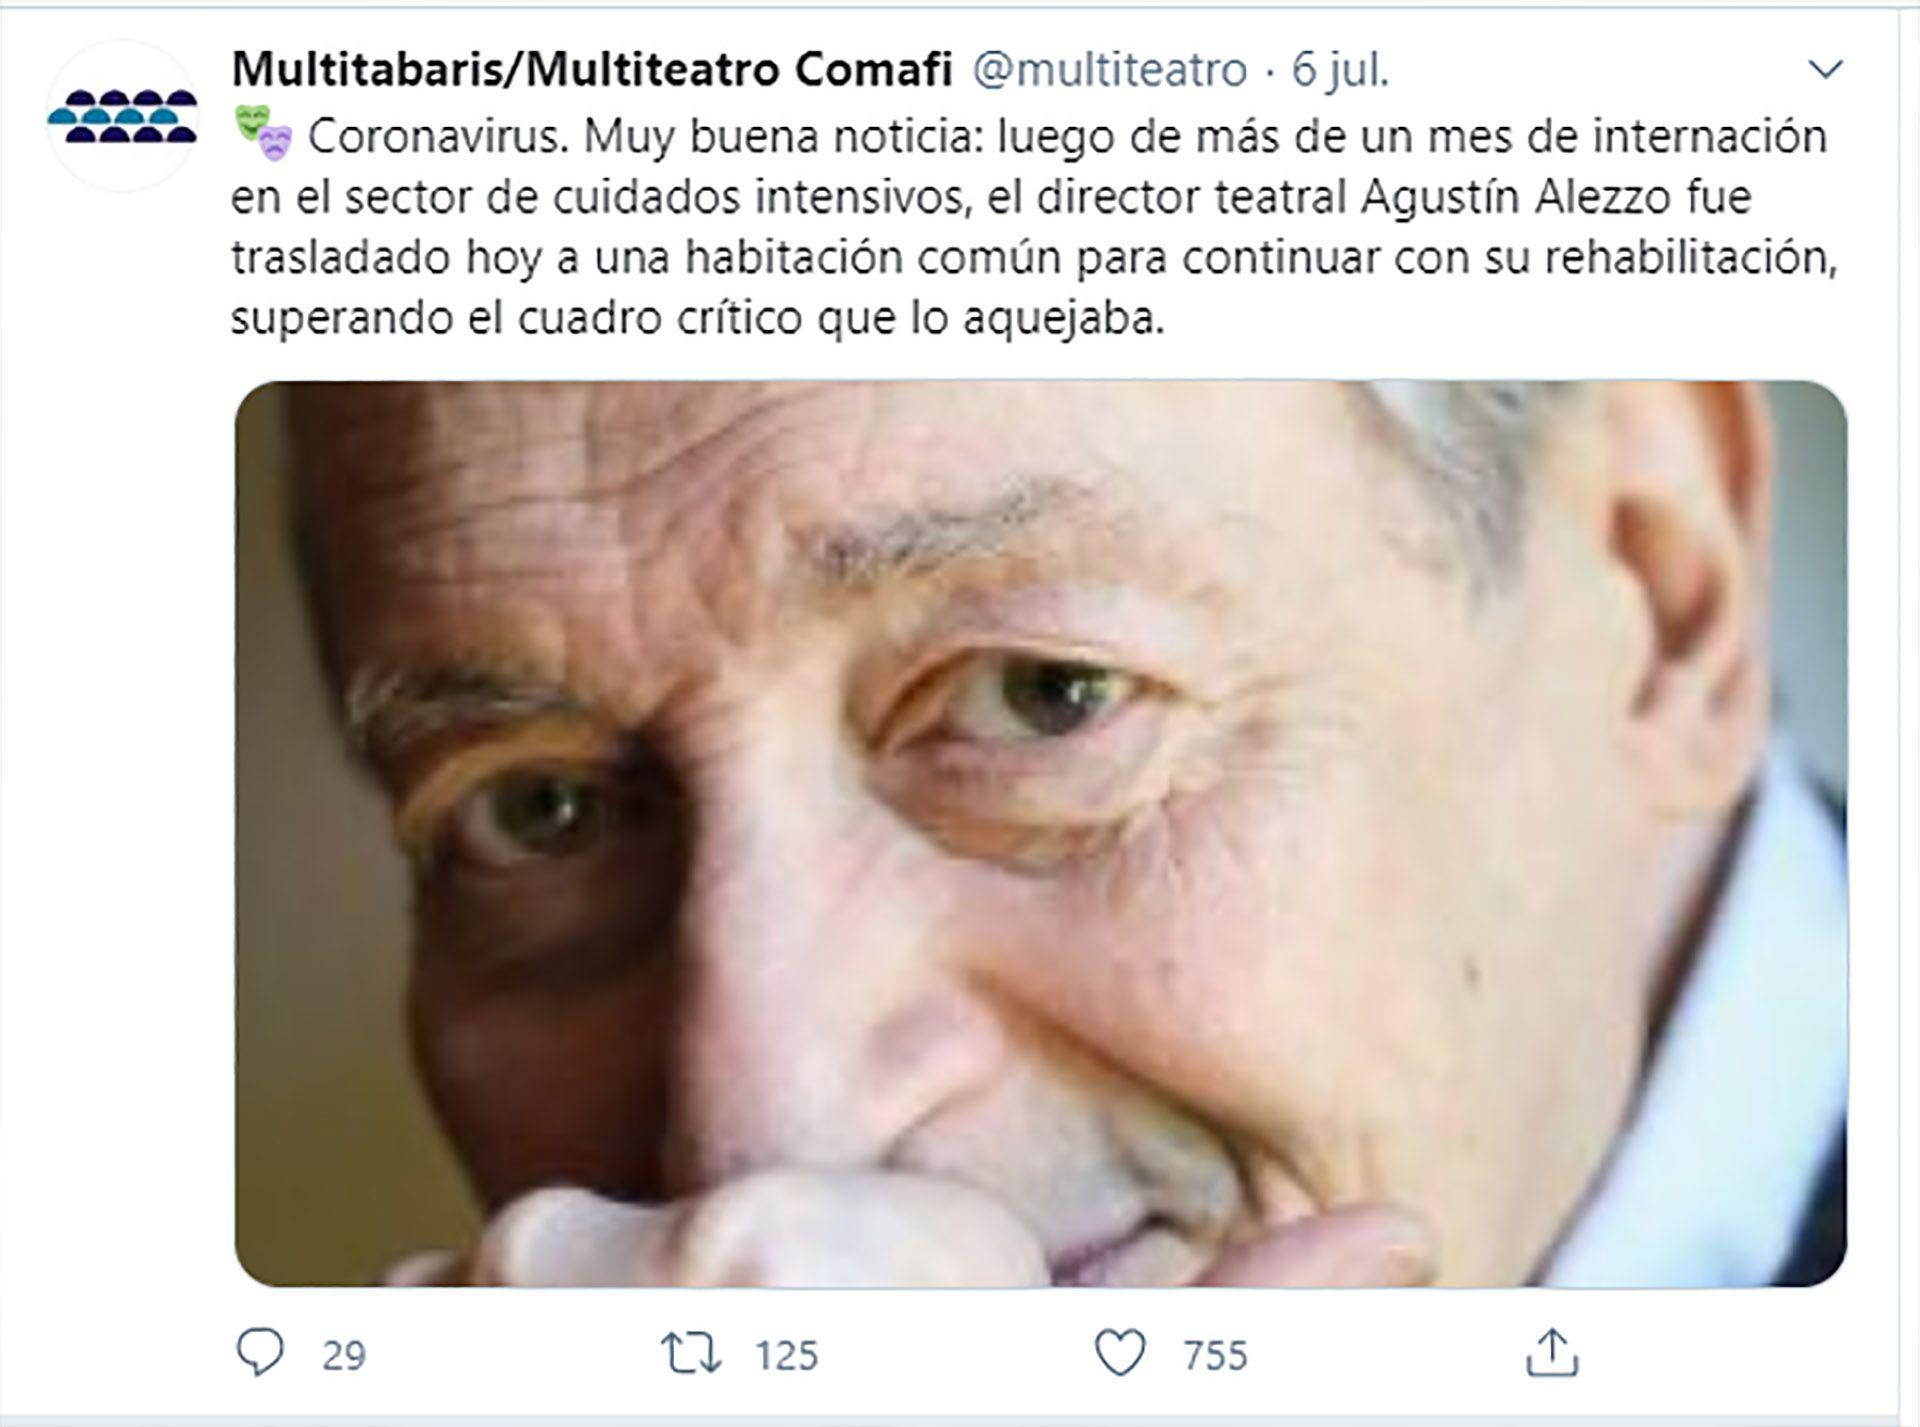 Tweet de Multitabaris/Multiteatro Comafi